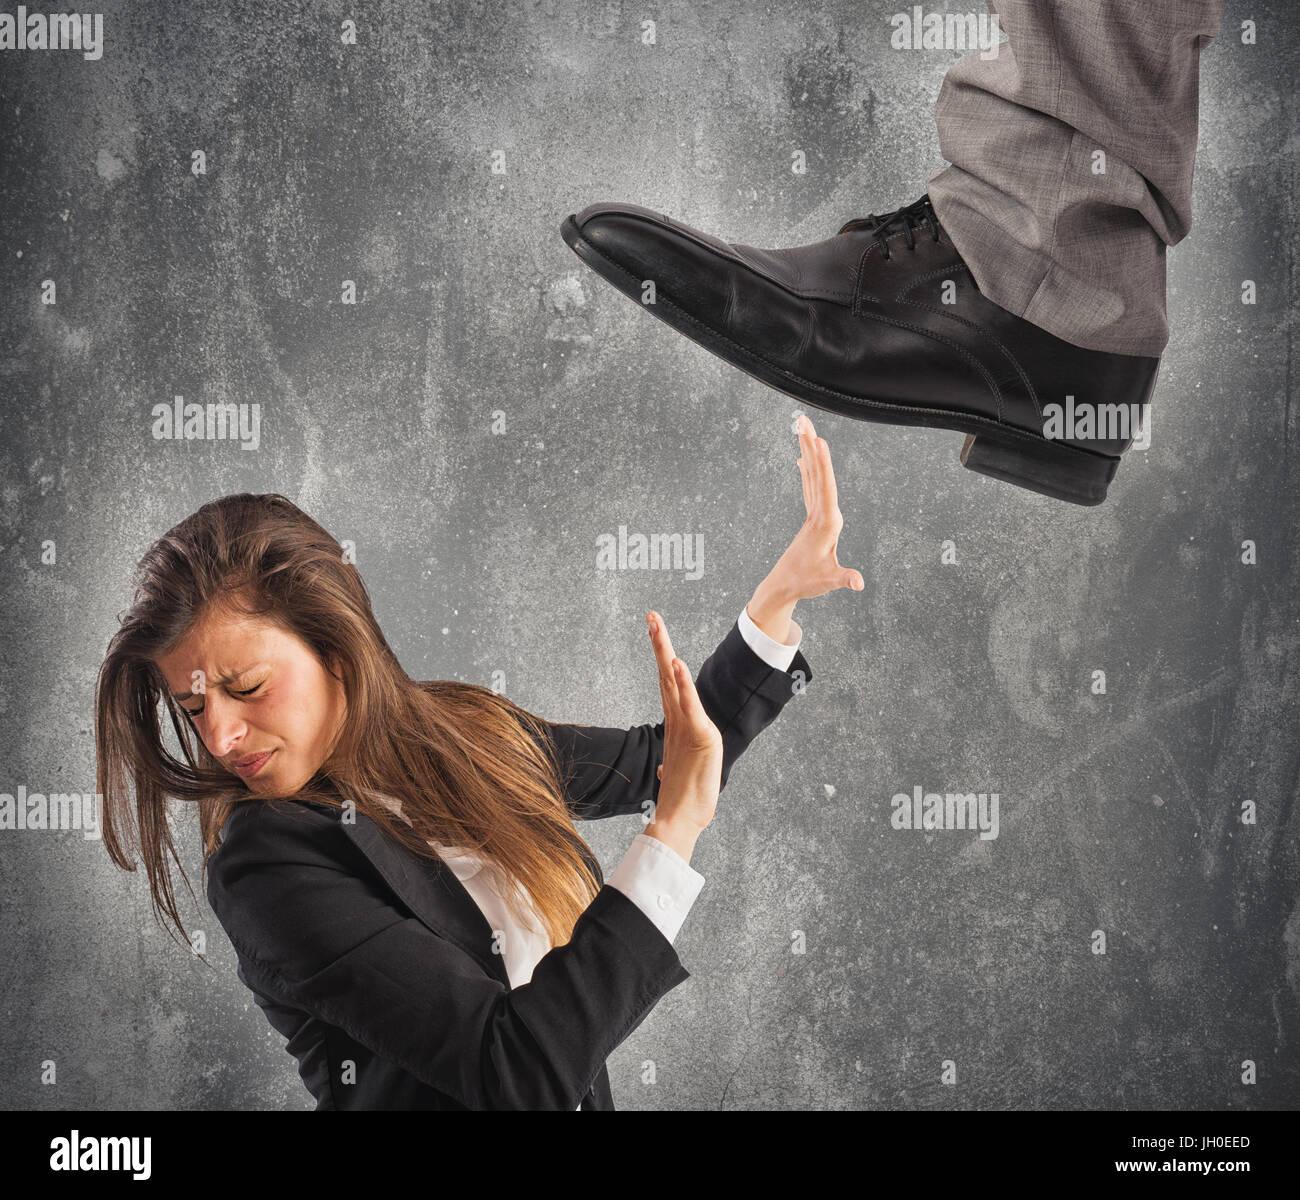 Patron agressif avec l'employé. Notion de surmenage et harcèlement moral Photo Stock